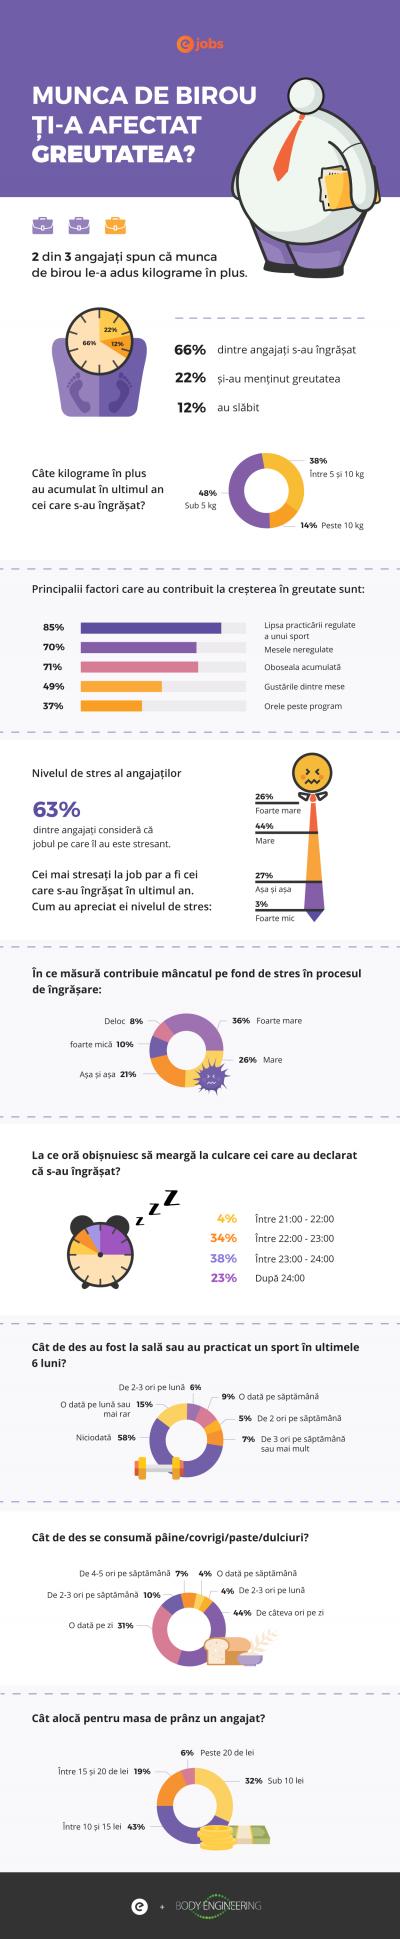 Studiu eJobs: Pentru 2 din 3 angajați munca de birou le-a adus kilograme în plus